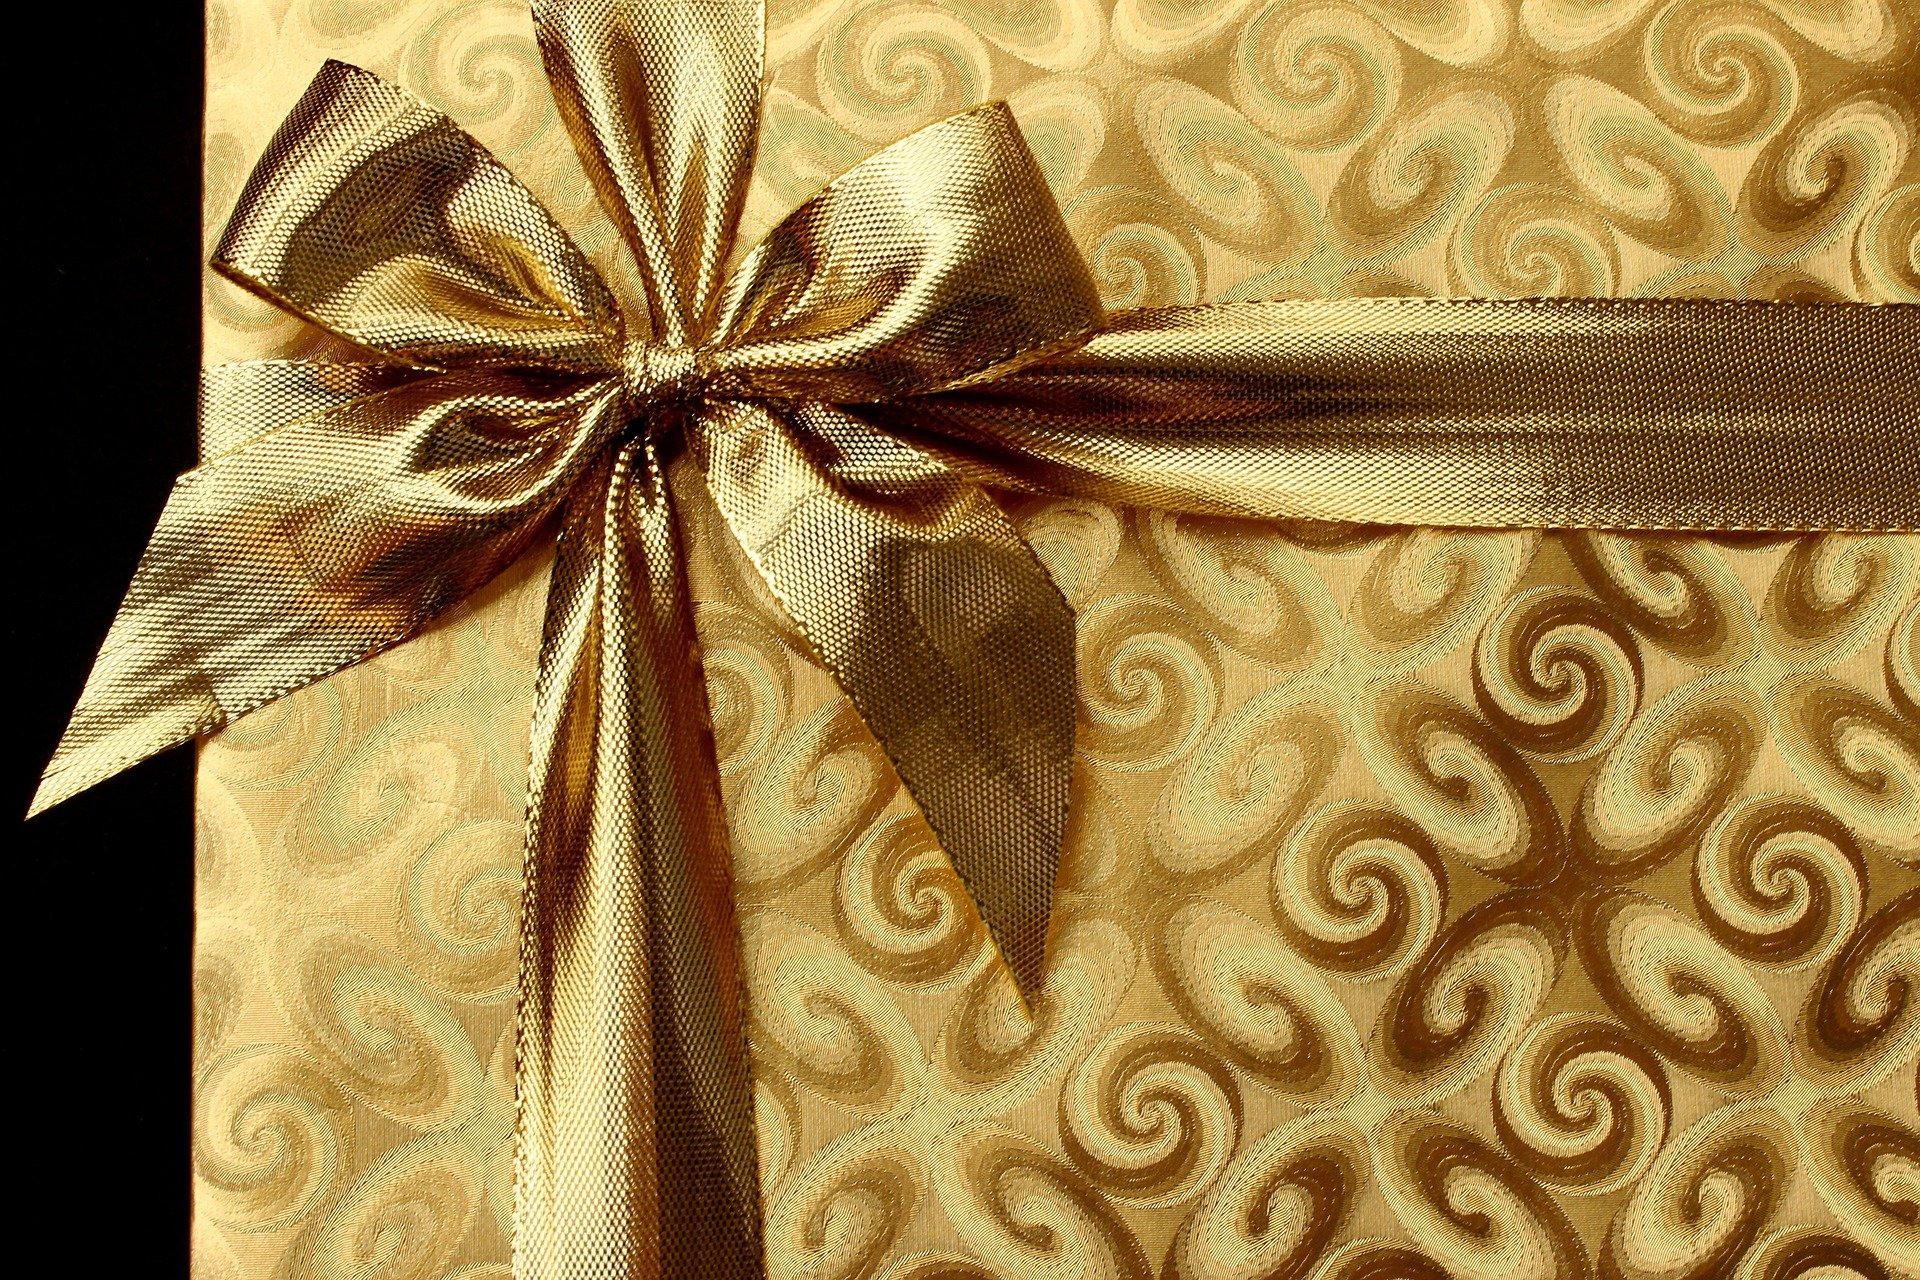 Prestiti per acquistare i regali di Natale: ecco quali sono i migliori